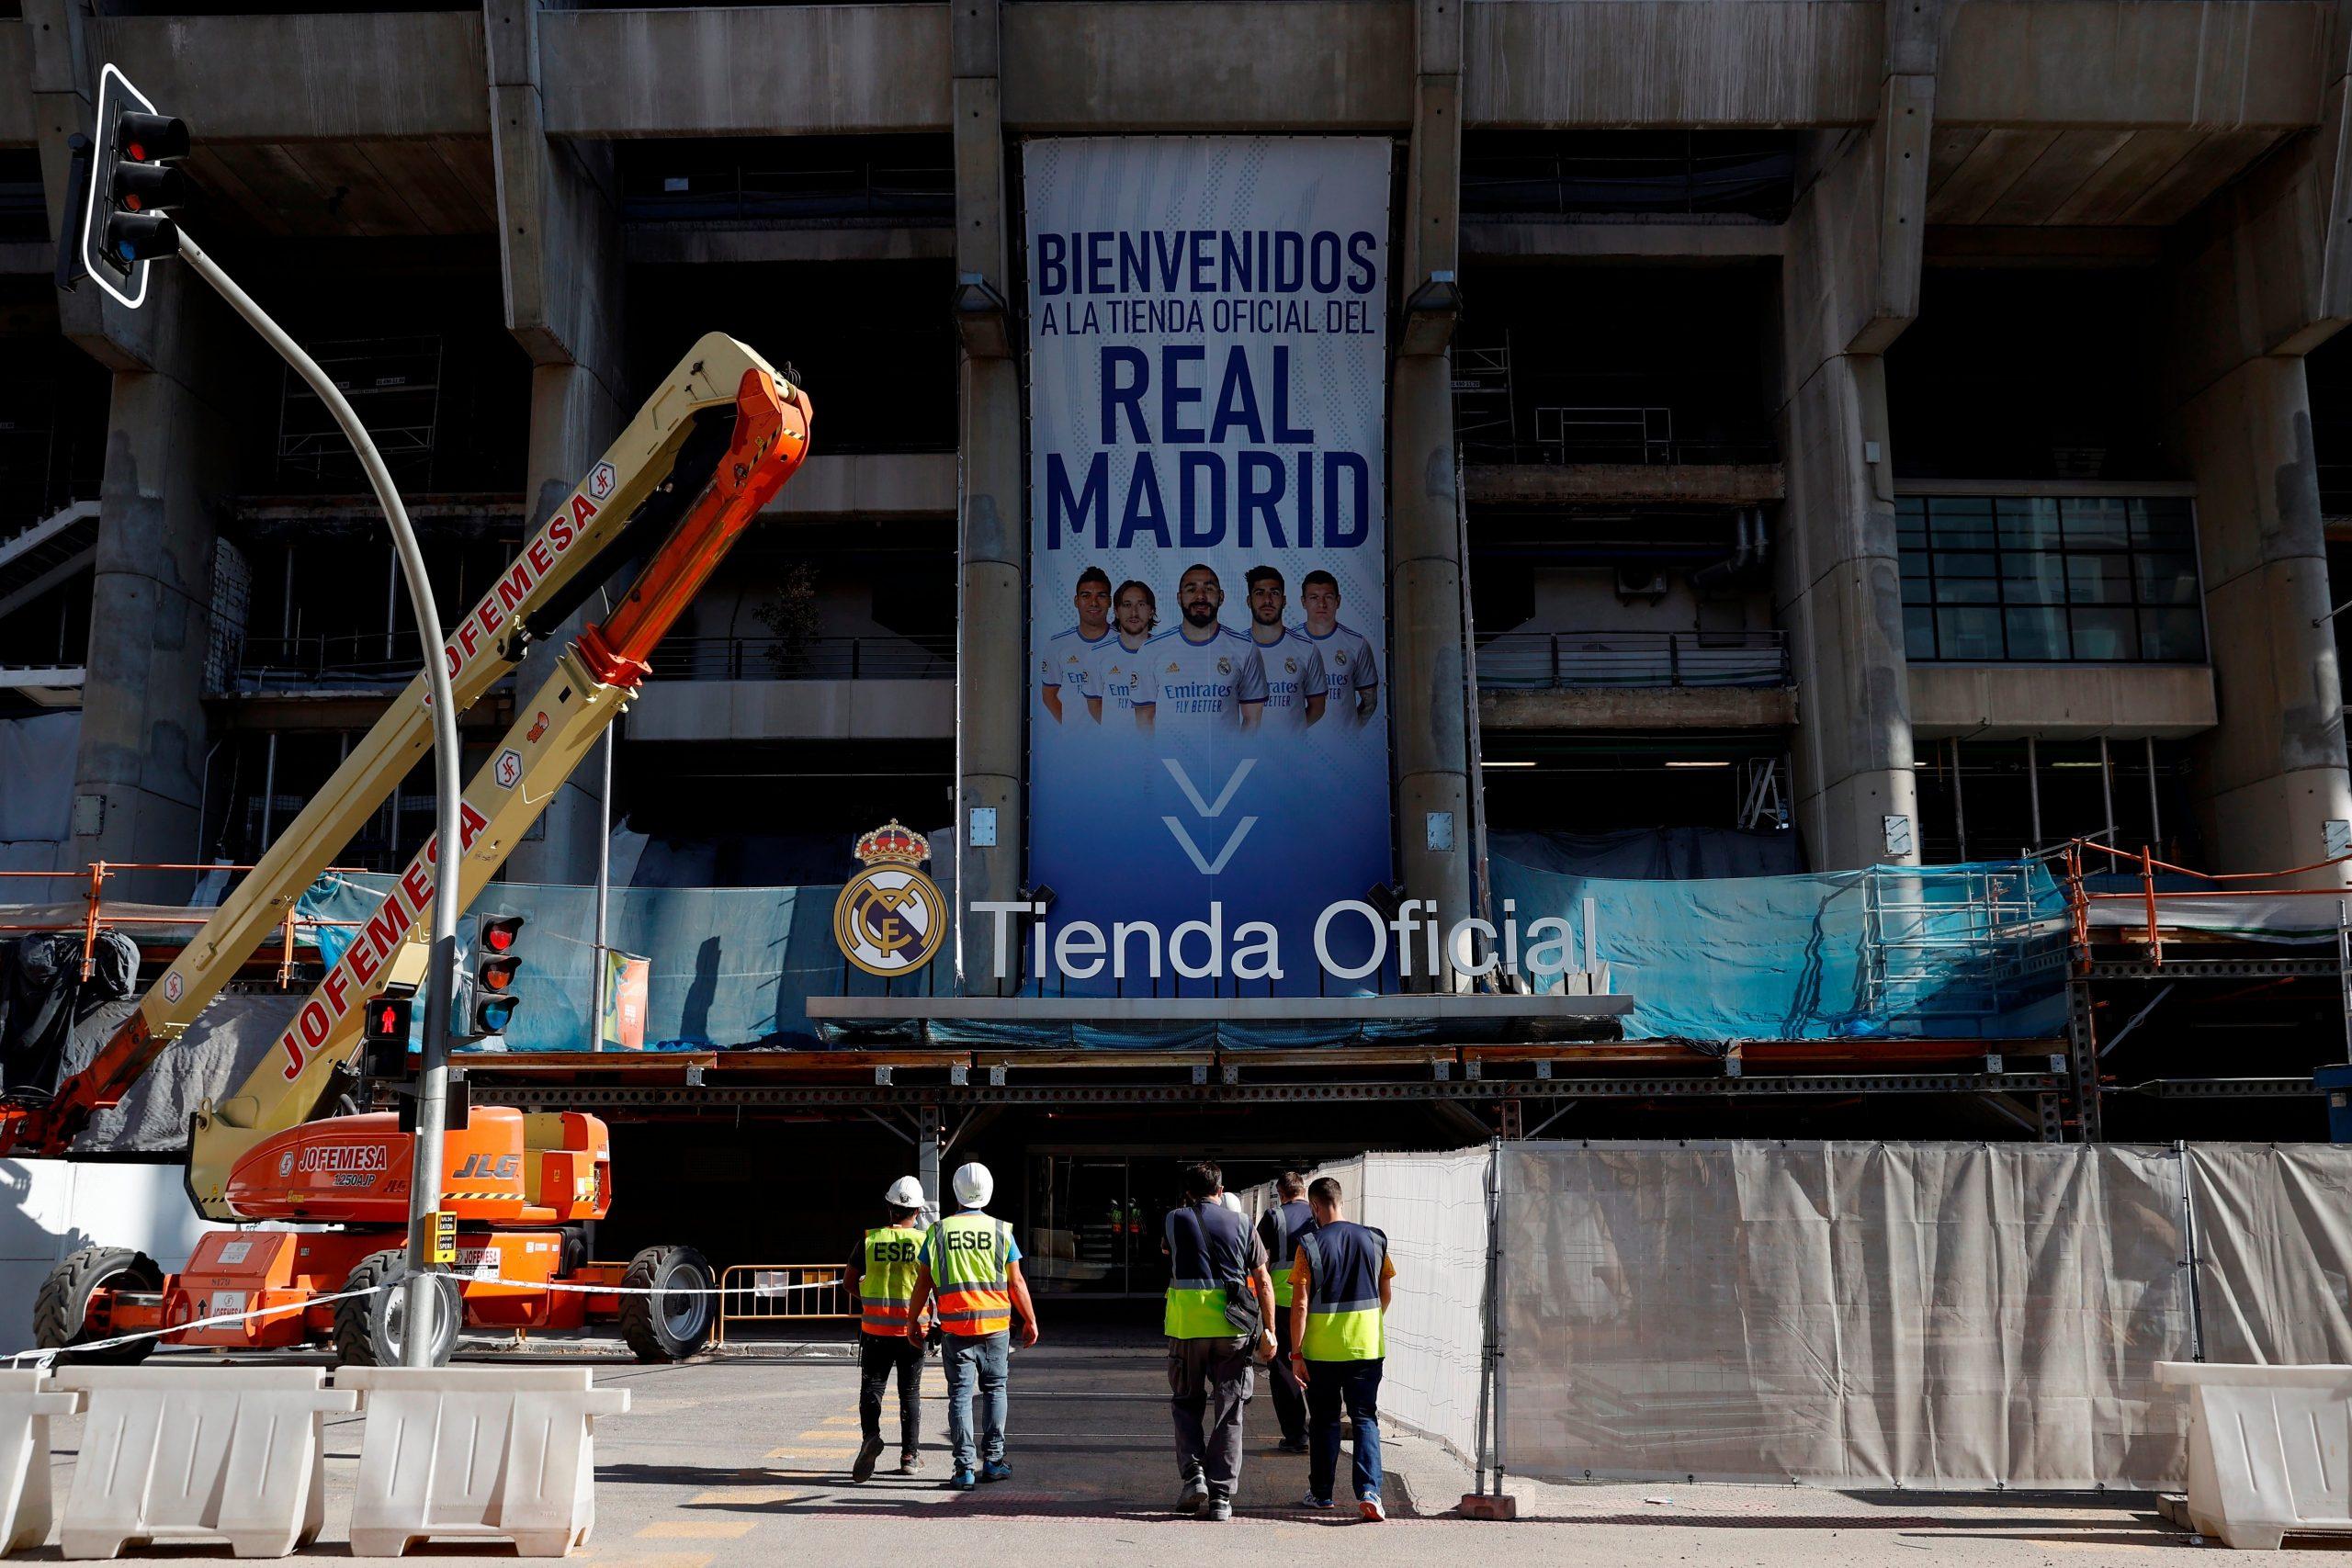 ¡Oficial!  El Real Madrid volverá a jugar en el Bernabéu el 11 de septiembre - prensa Libre